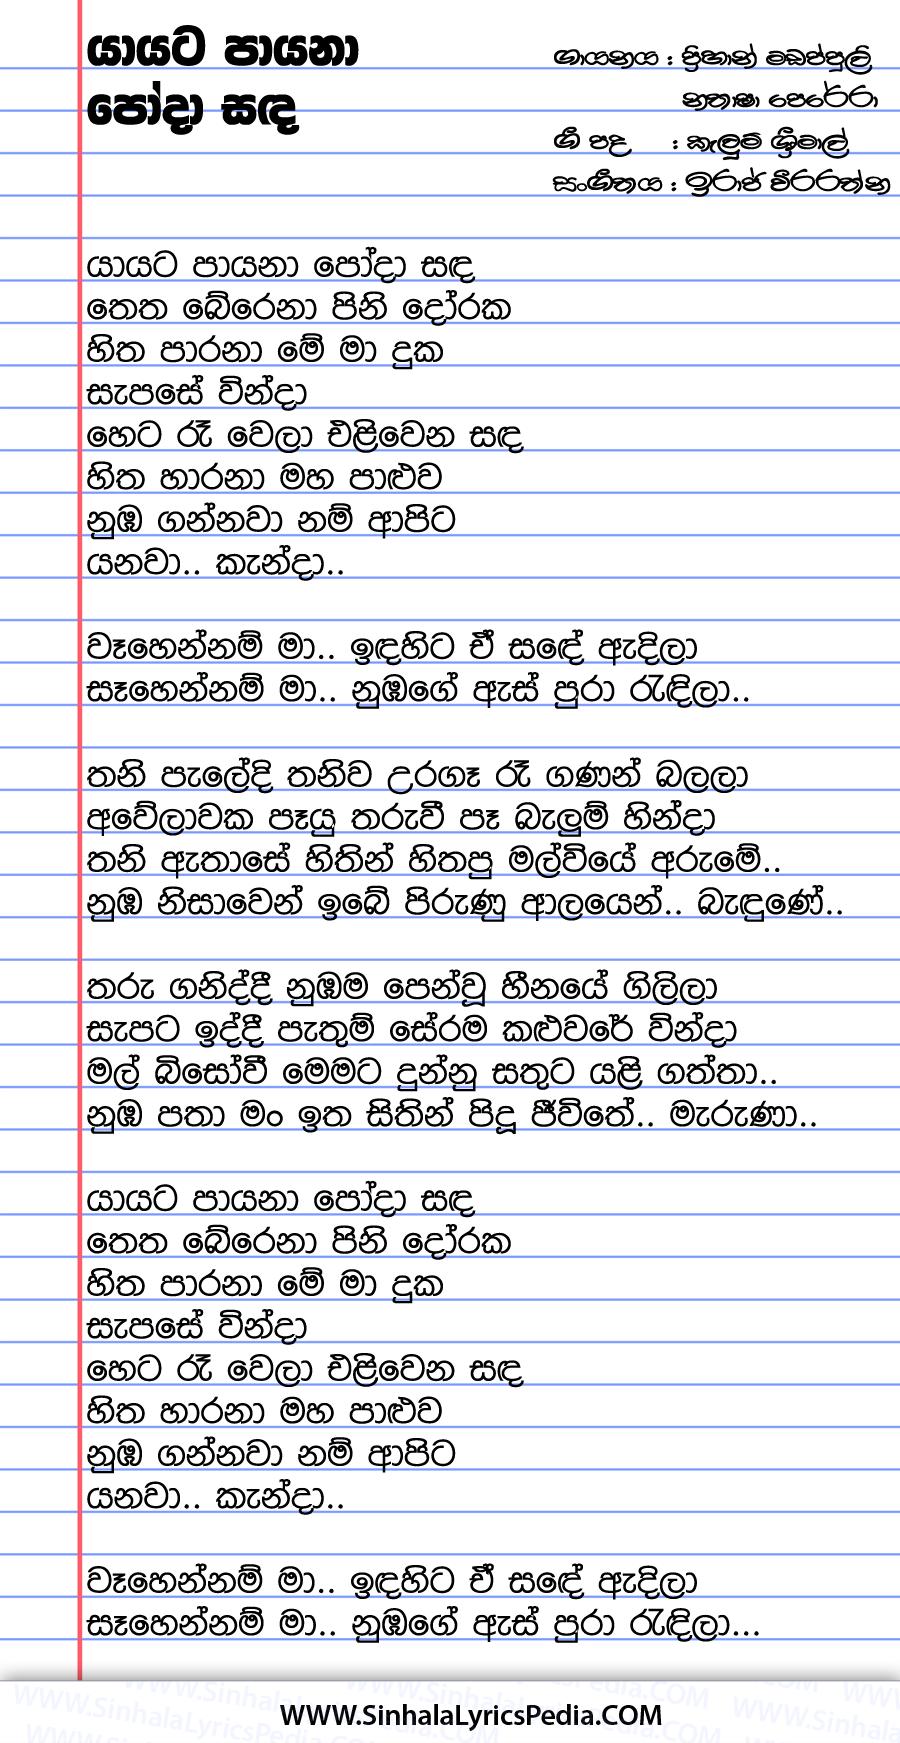 Yayata Payana Poda Sanda Song Lyrics